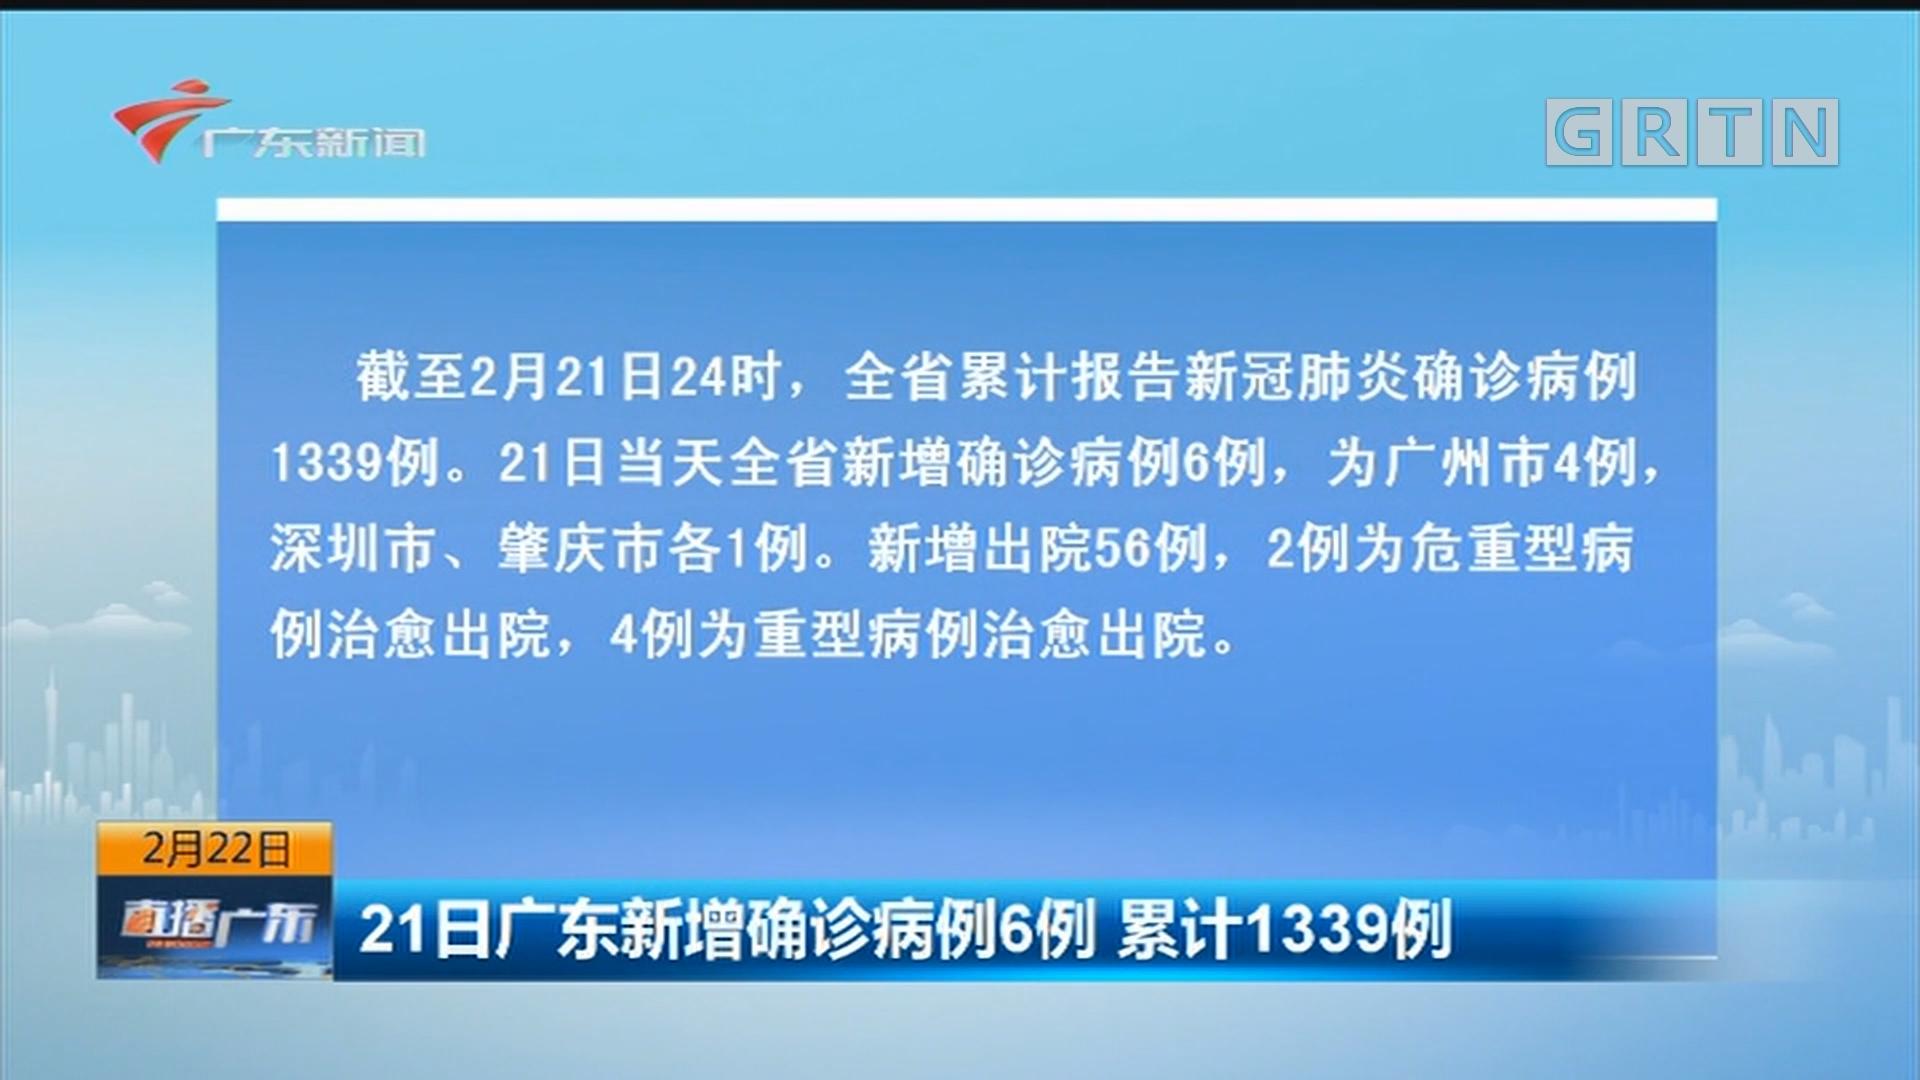 21日广东新增确诊病例6例 累计1339例